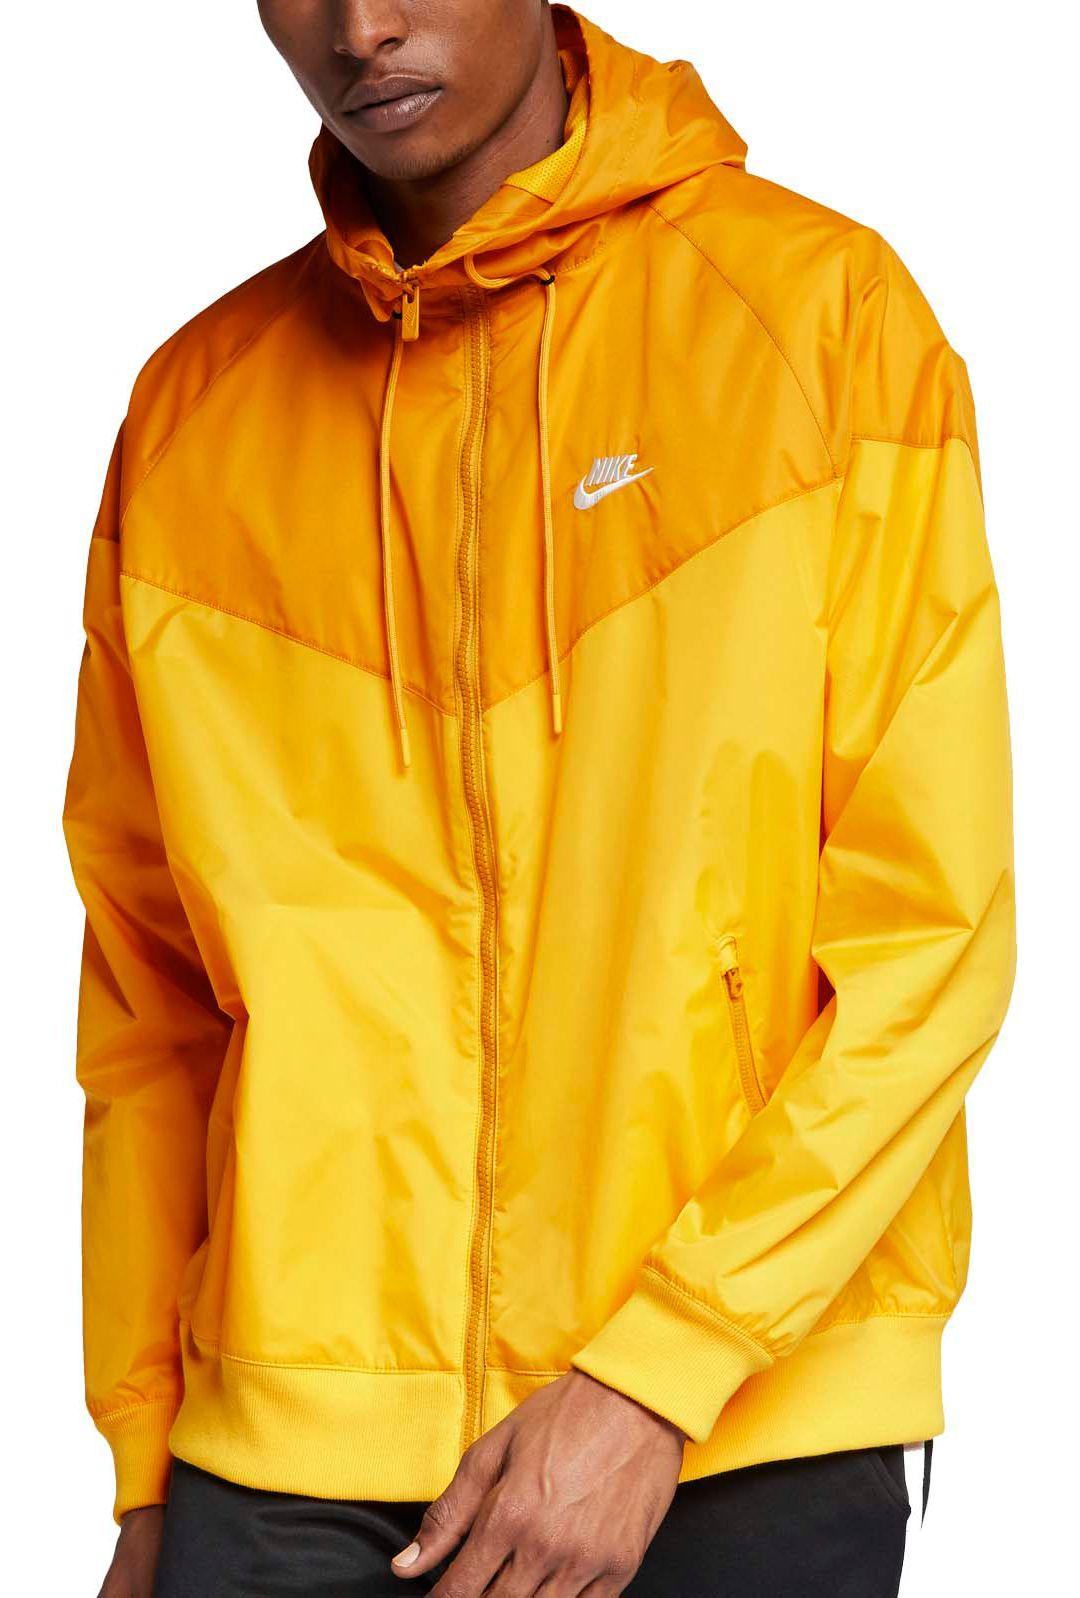 2385242ff82 Nike Men's Sportswear 2019 Hooded Windrunner Jacket | DICK'S ...